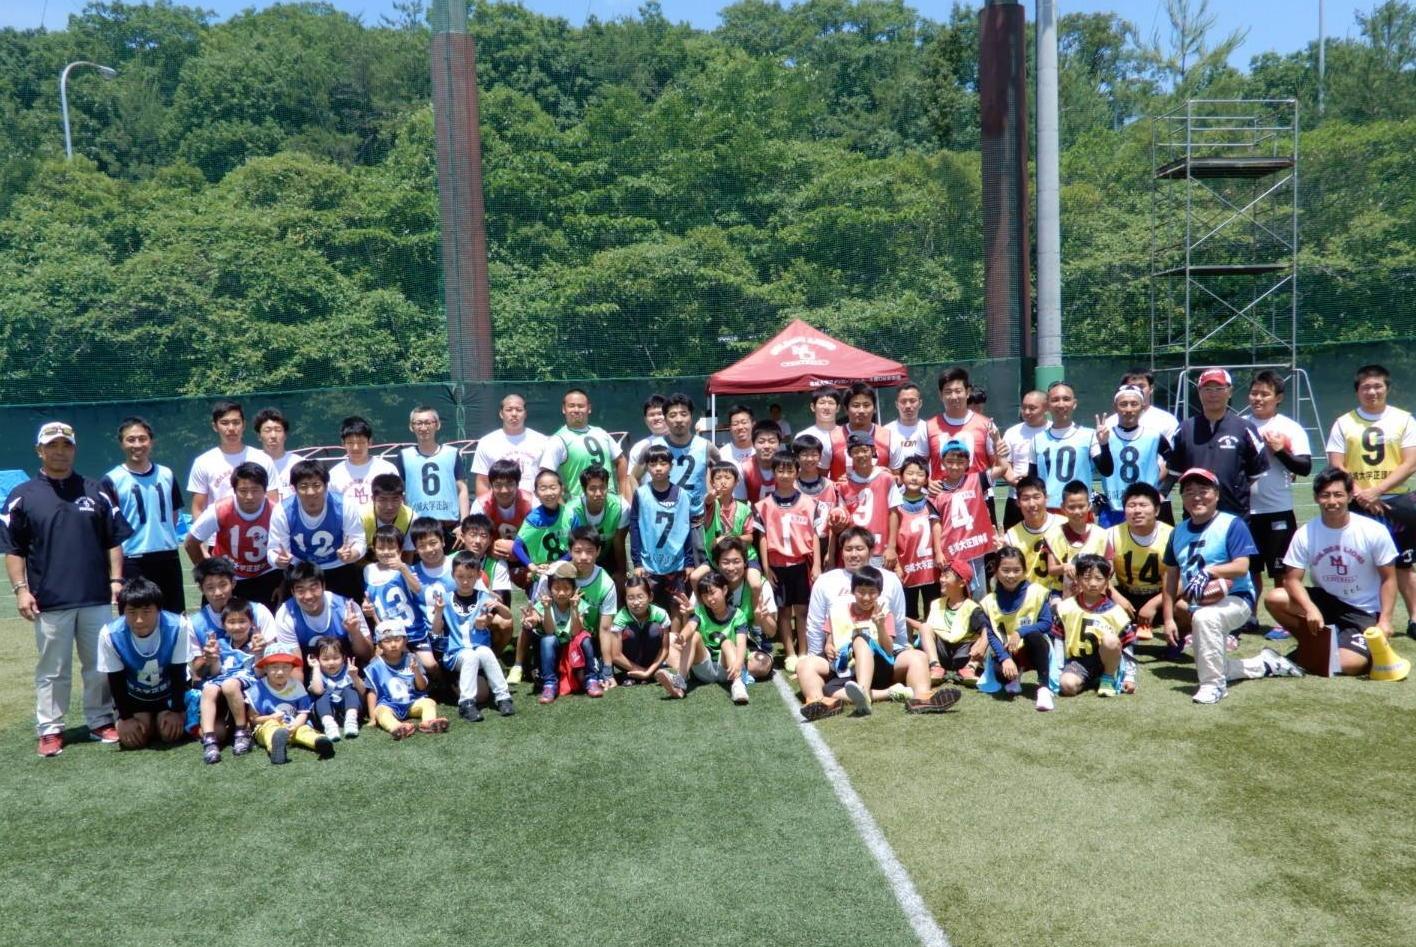 アメリカンフットボール部の部員と記念撮影する参加者